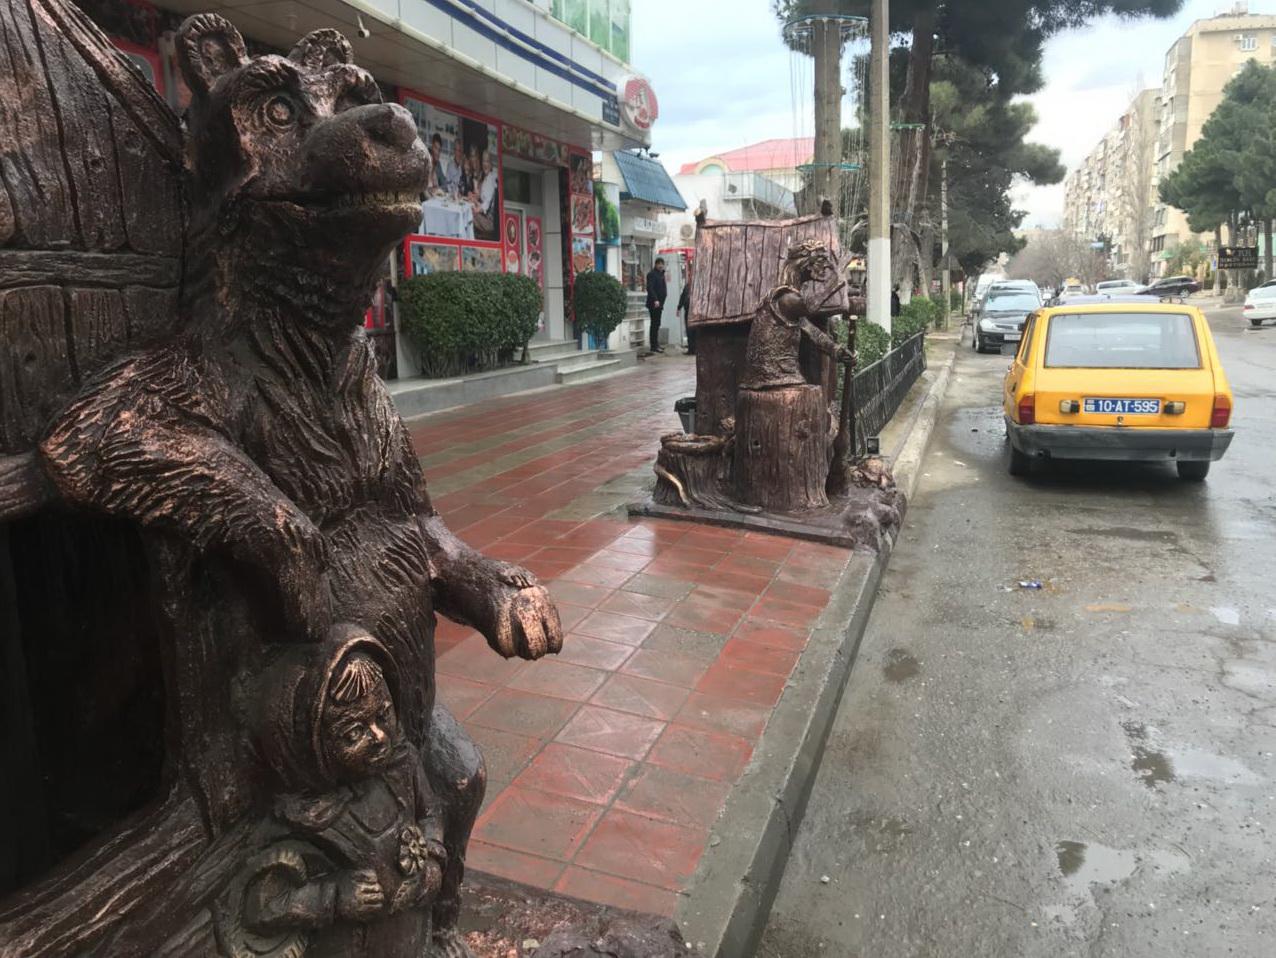 В Баку снесены статуи Бабы-яги и Кащея Бессмертного – ФОТО